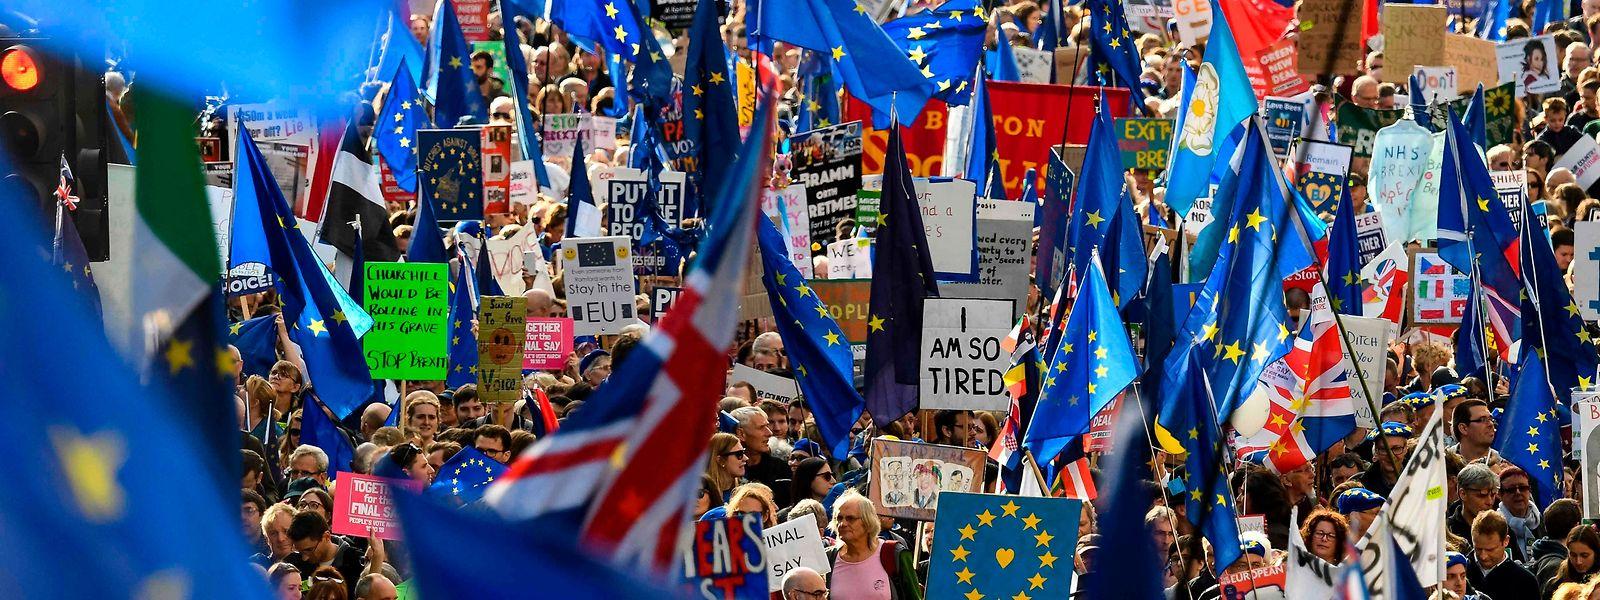 Zehntausende protestierten am Samstag in london gegen den Brexit.